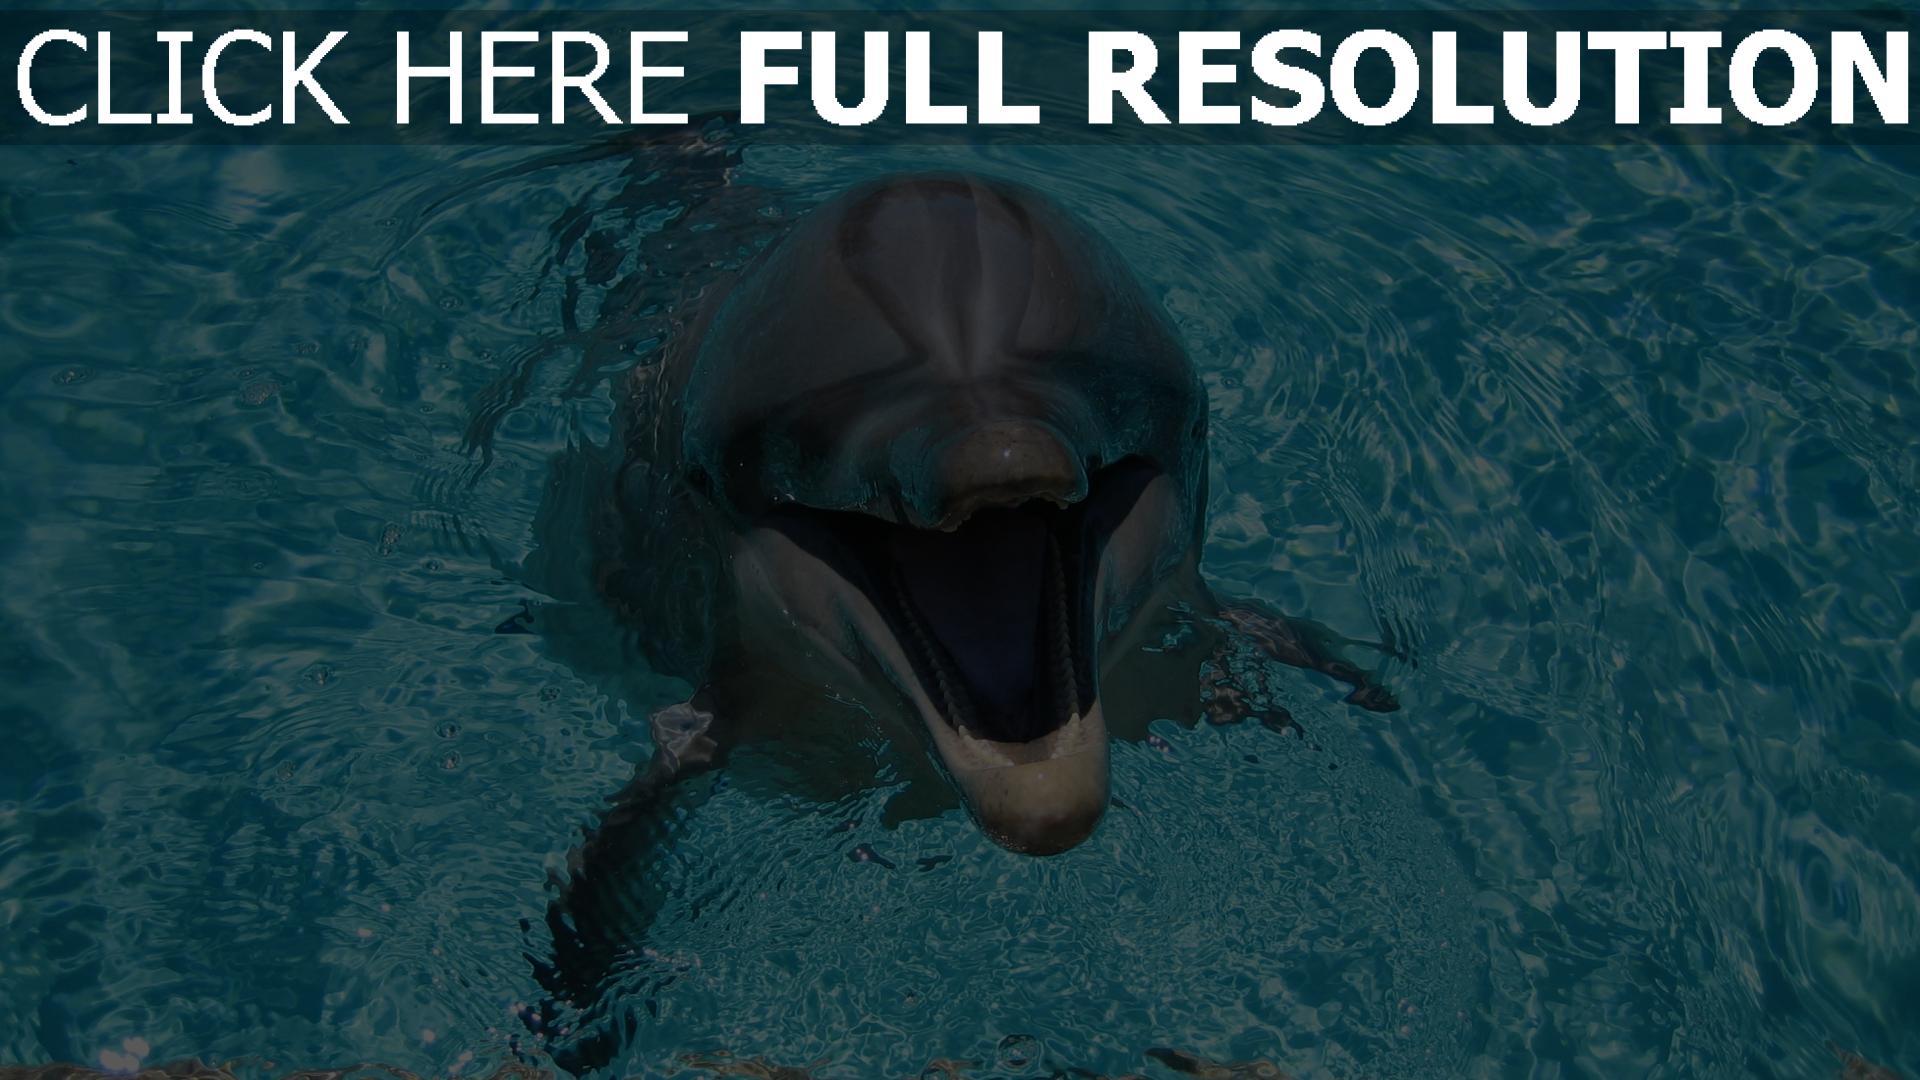 fond d'écran 1920x1080 dauphin museau gros plan mignon